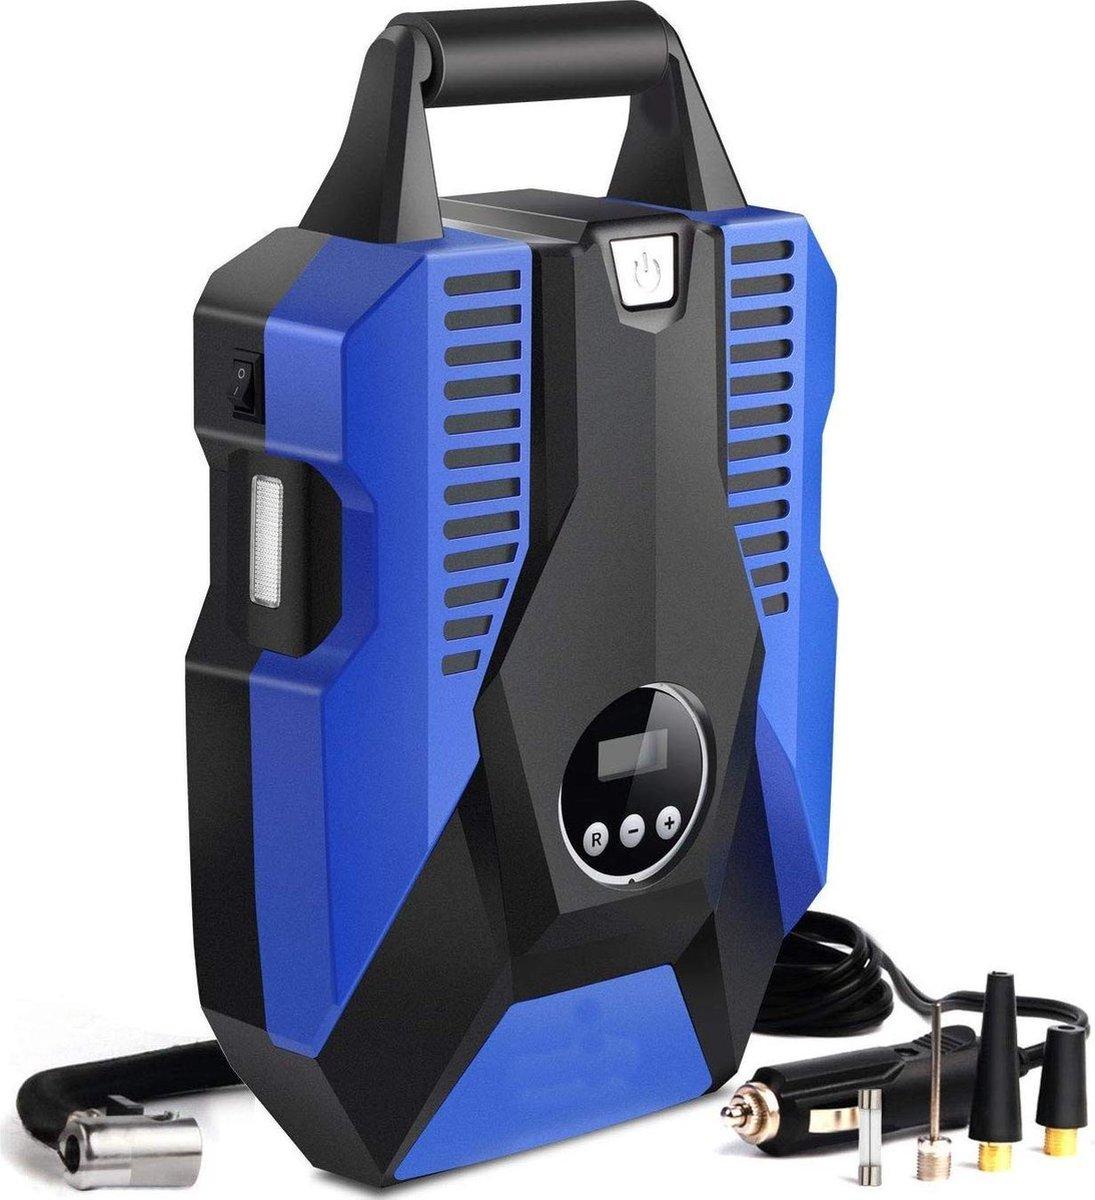 LifeGoods 12V Elektrische Compressor en Bandenpomp - 10,3 Bar    35L/min - Blauw